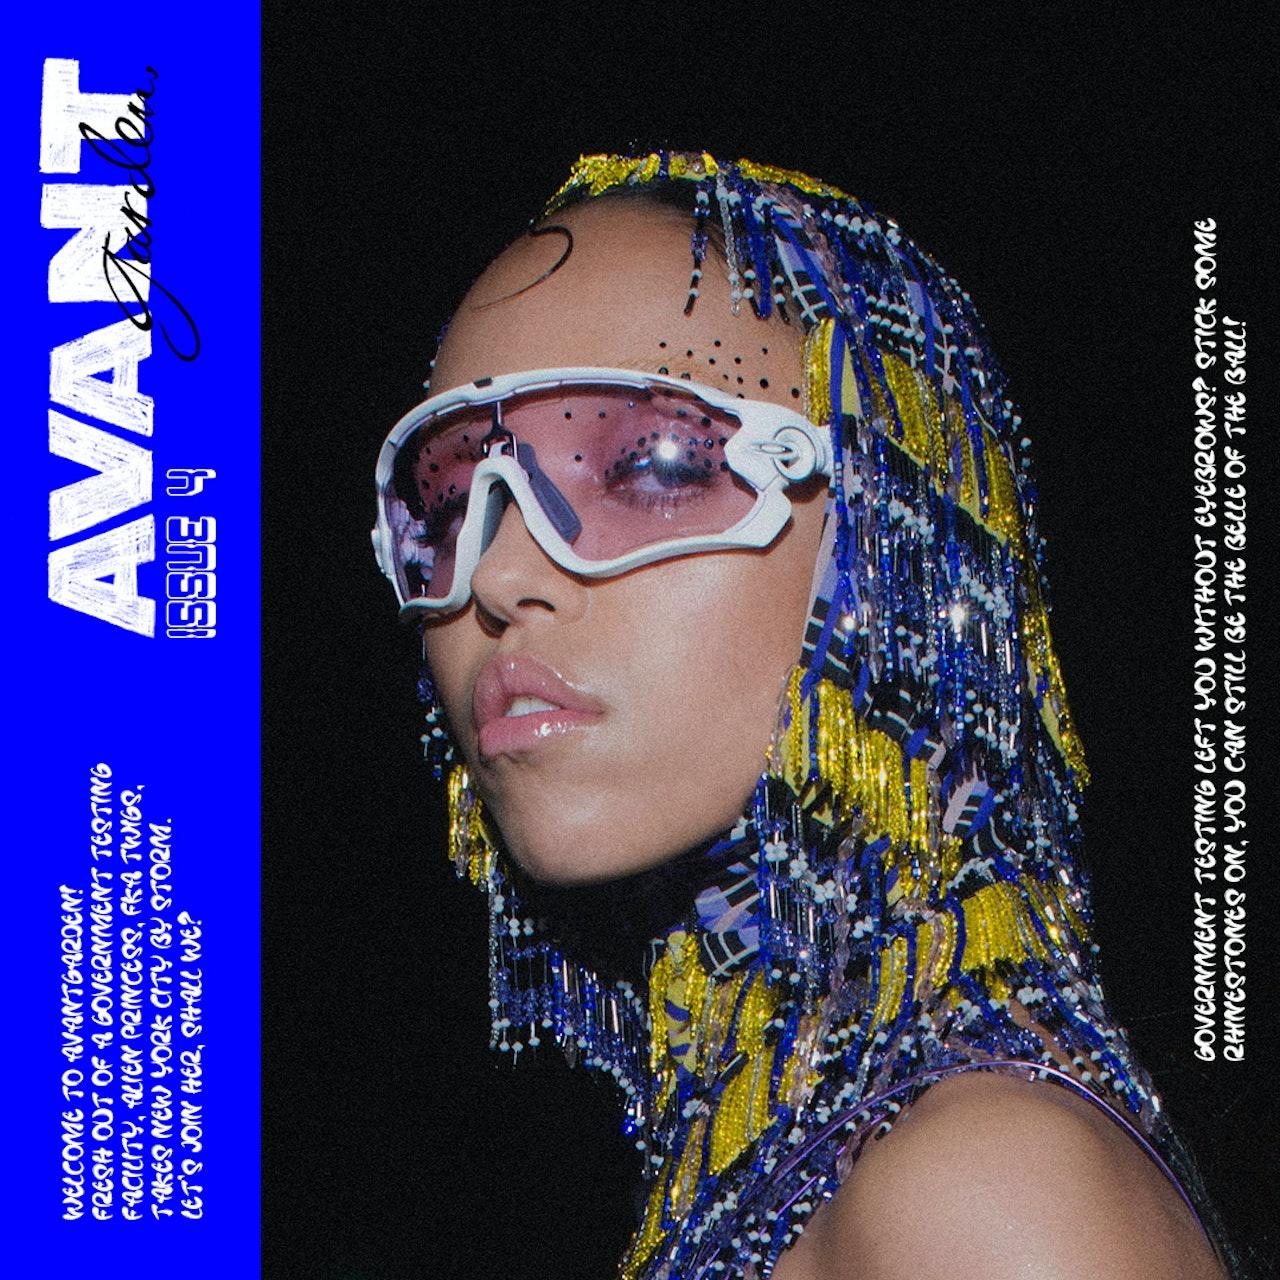 FKA twigs AVANTgarden issue 4